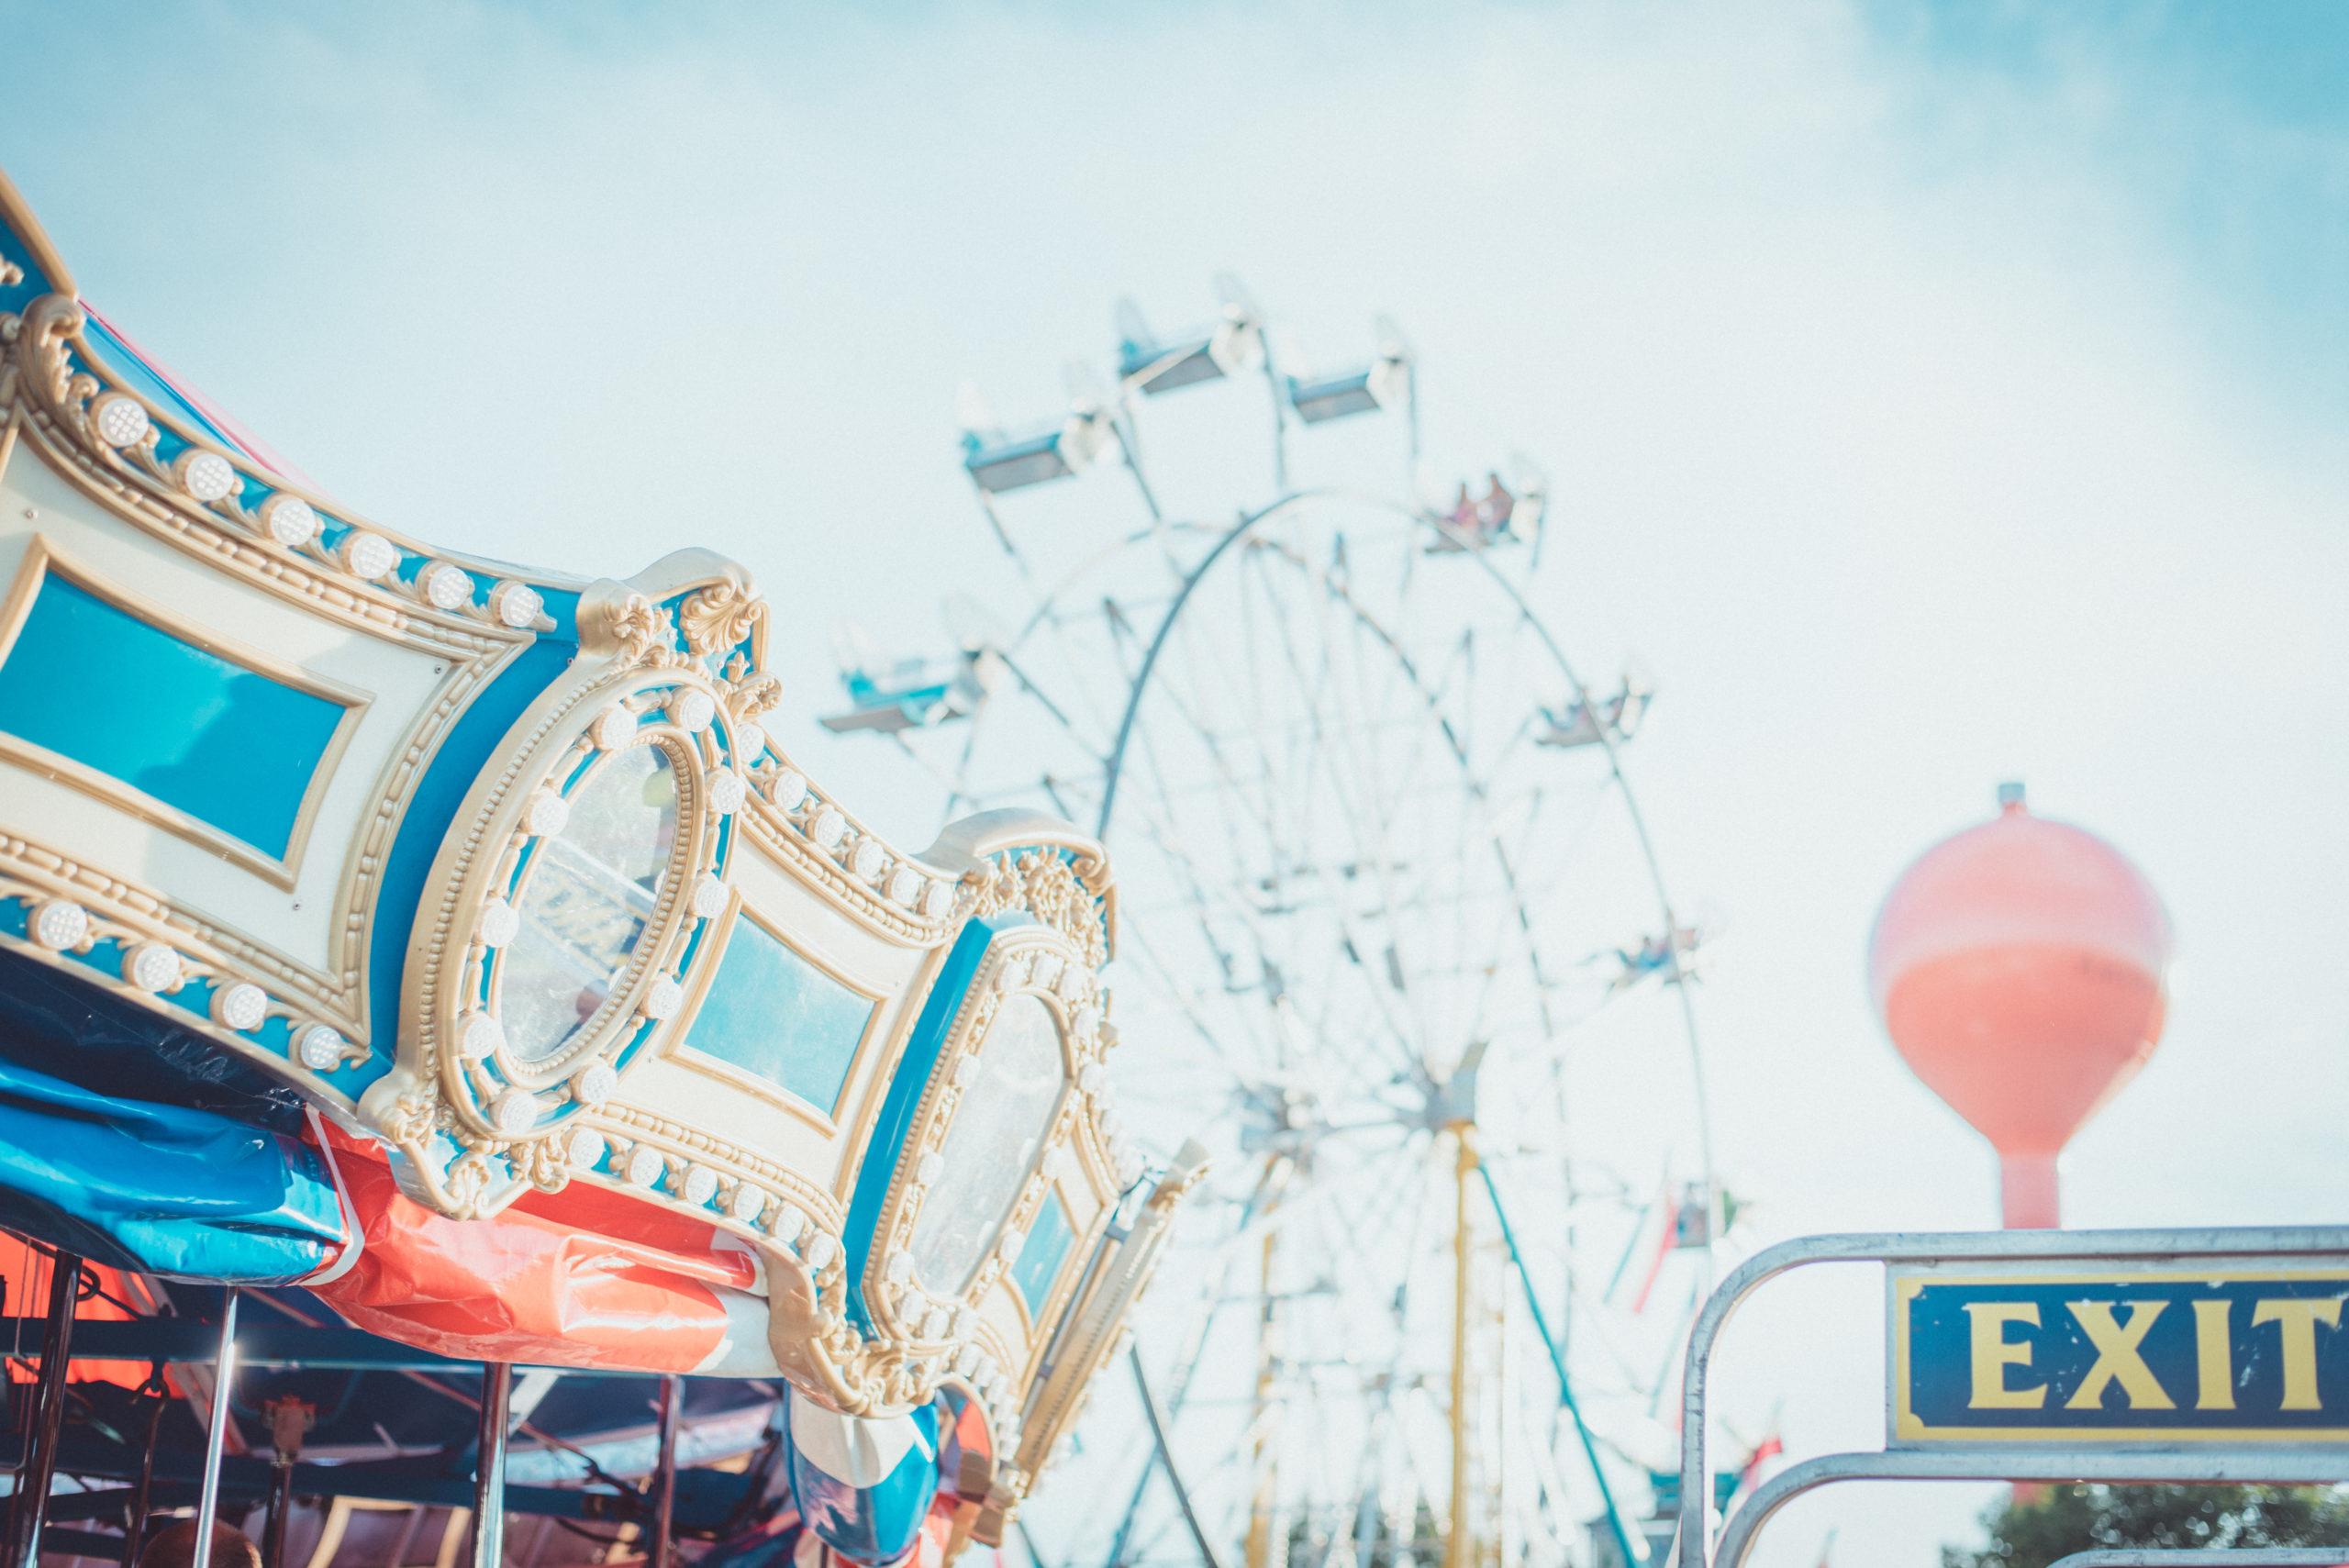 Champaign County Fair